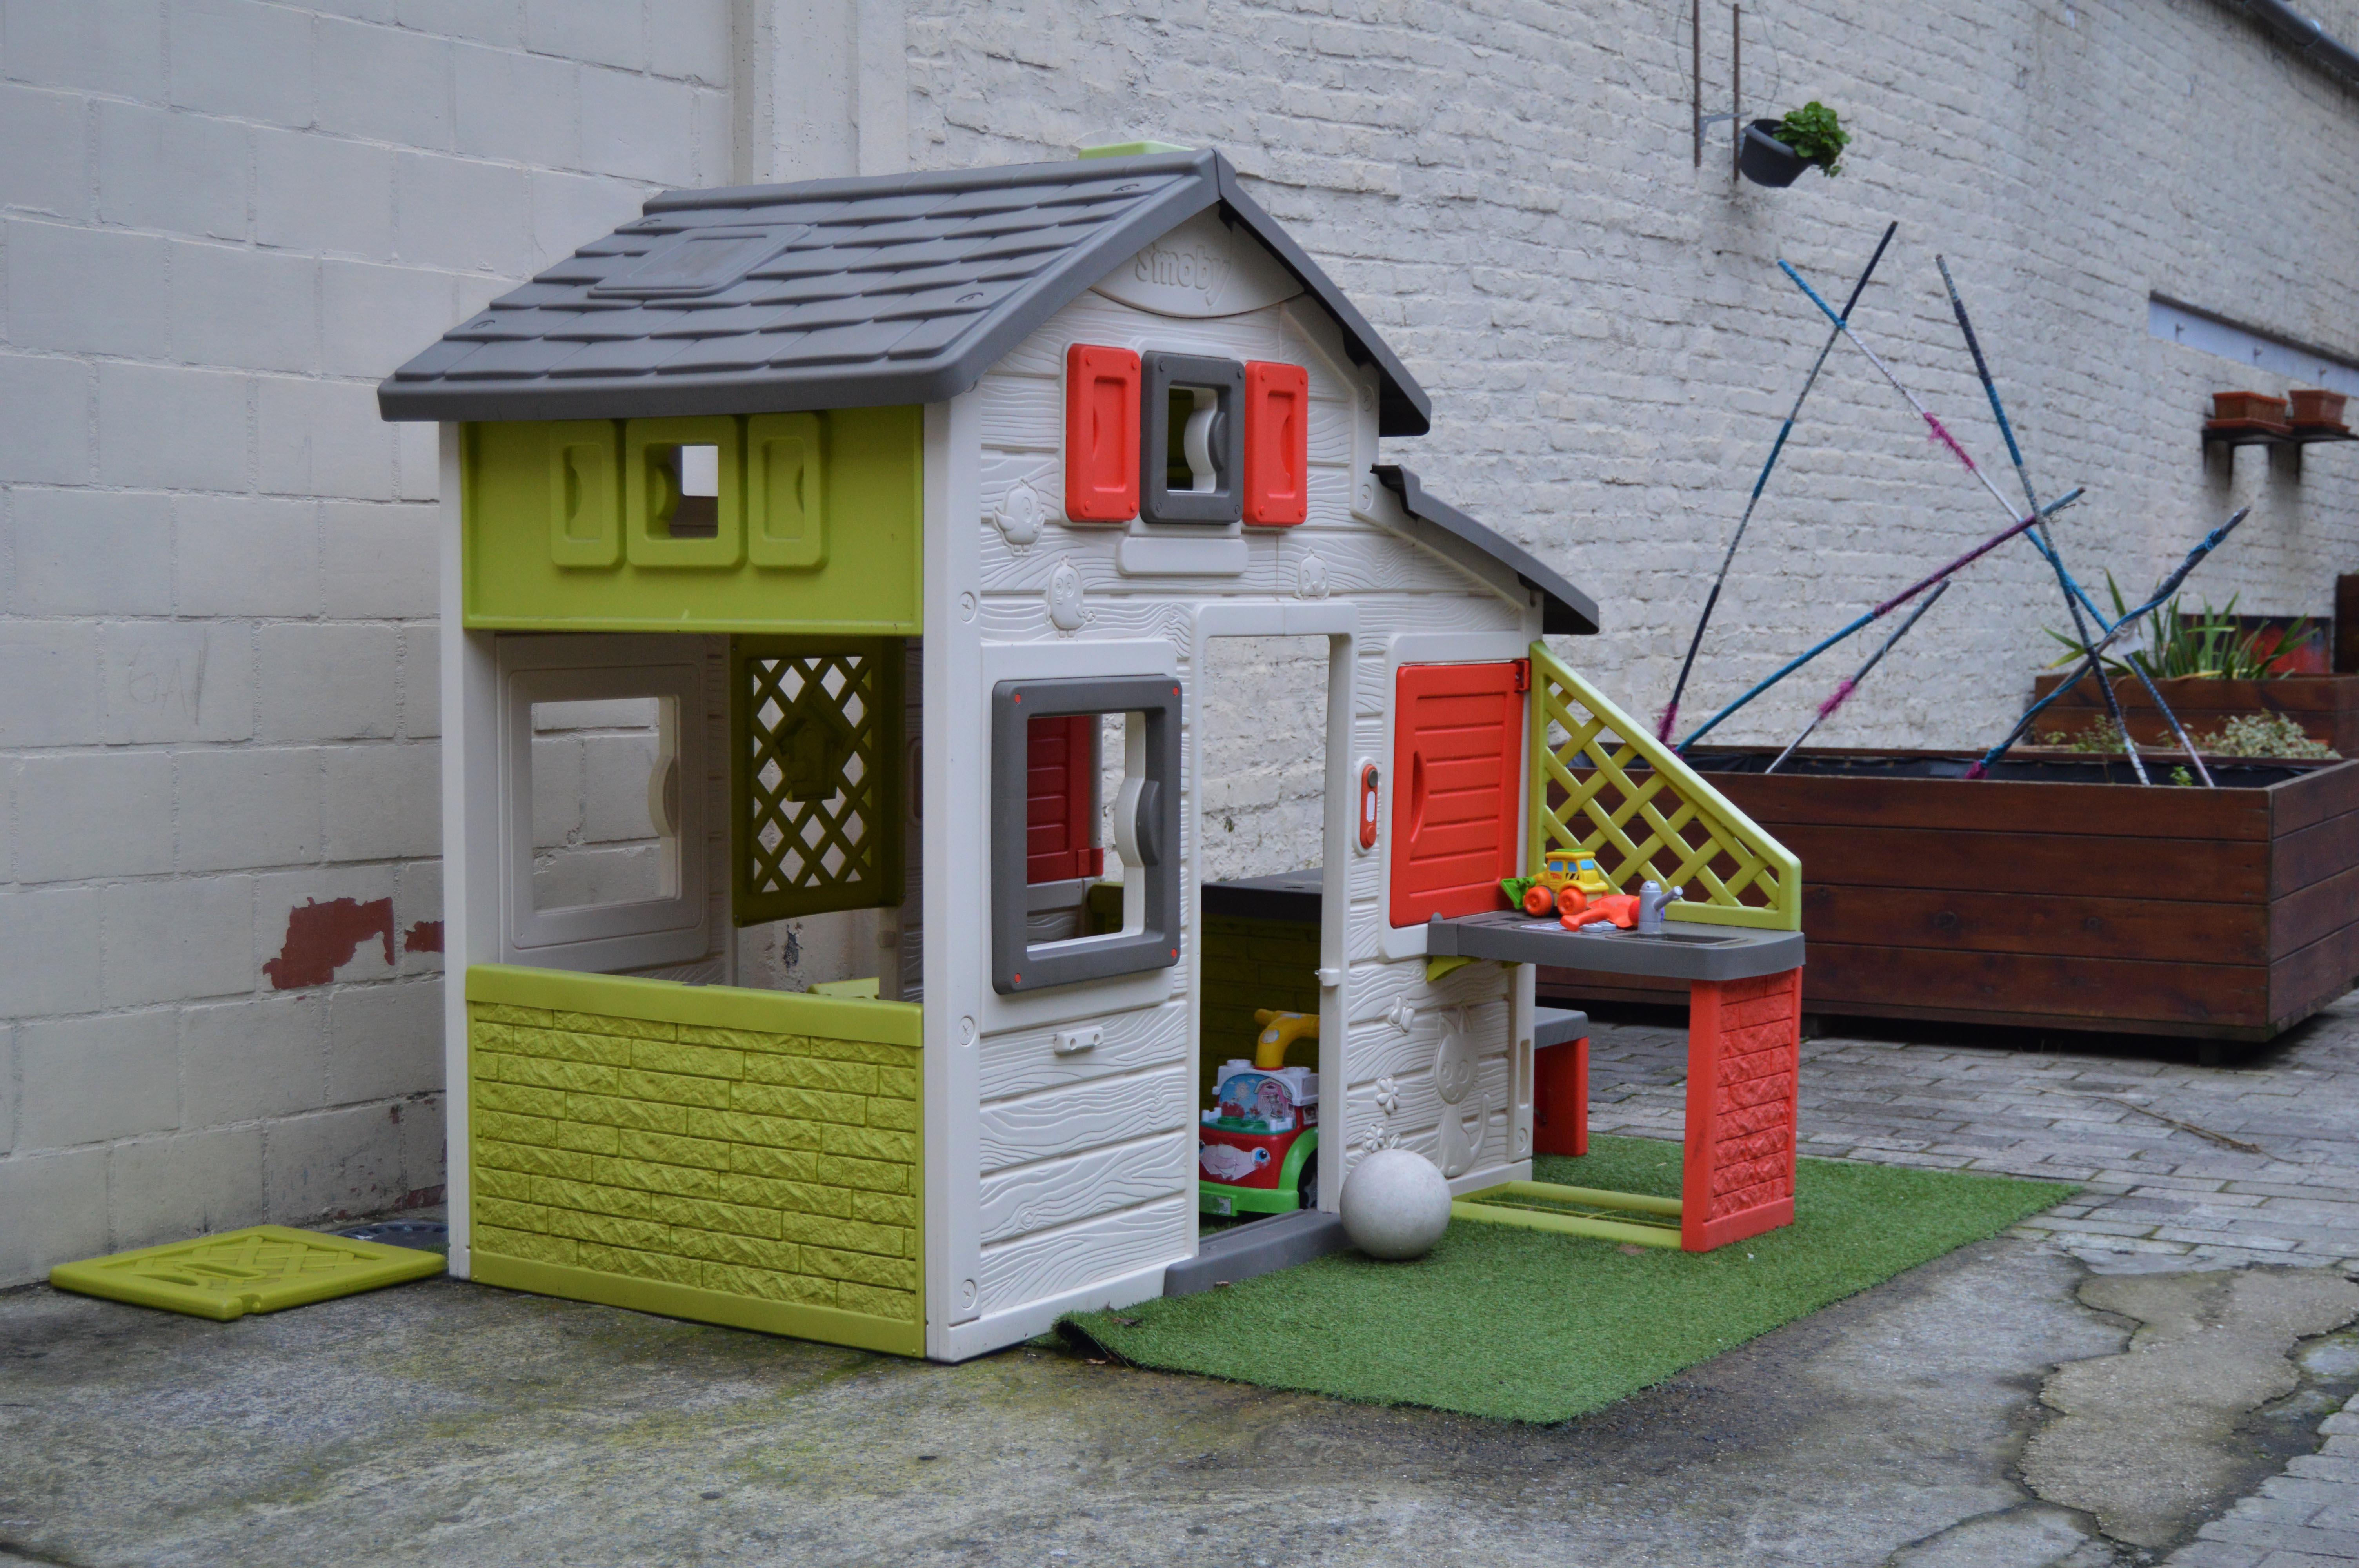 On retrouve une maison pour enfants au milieu de la cour.